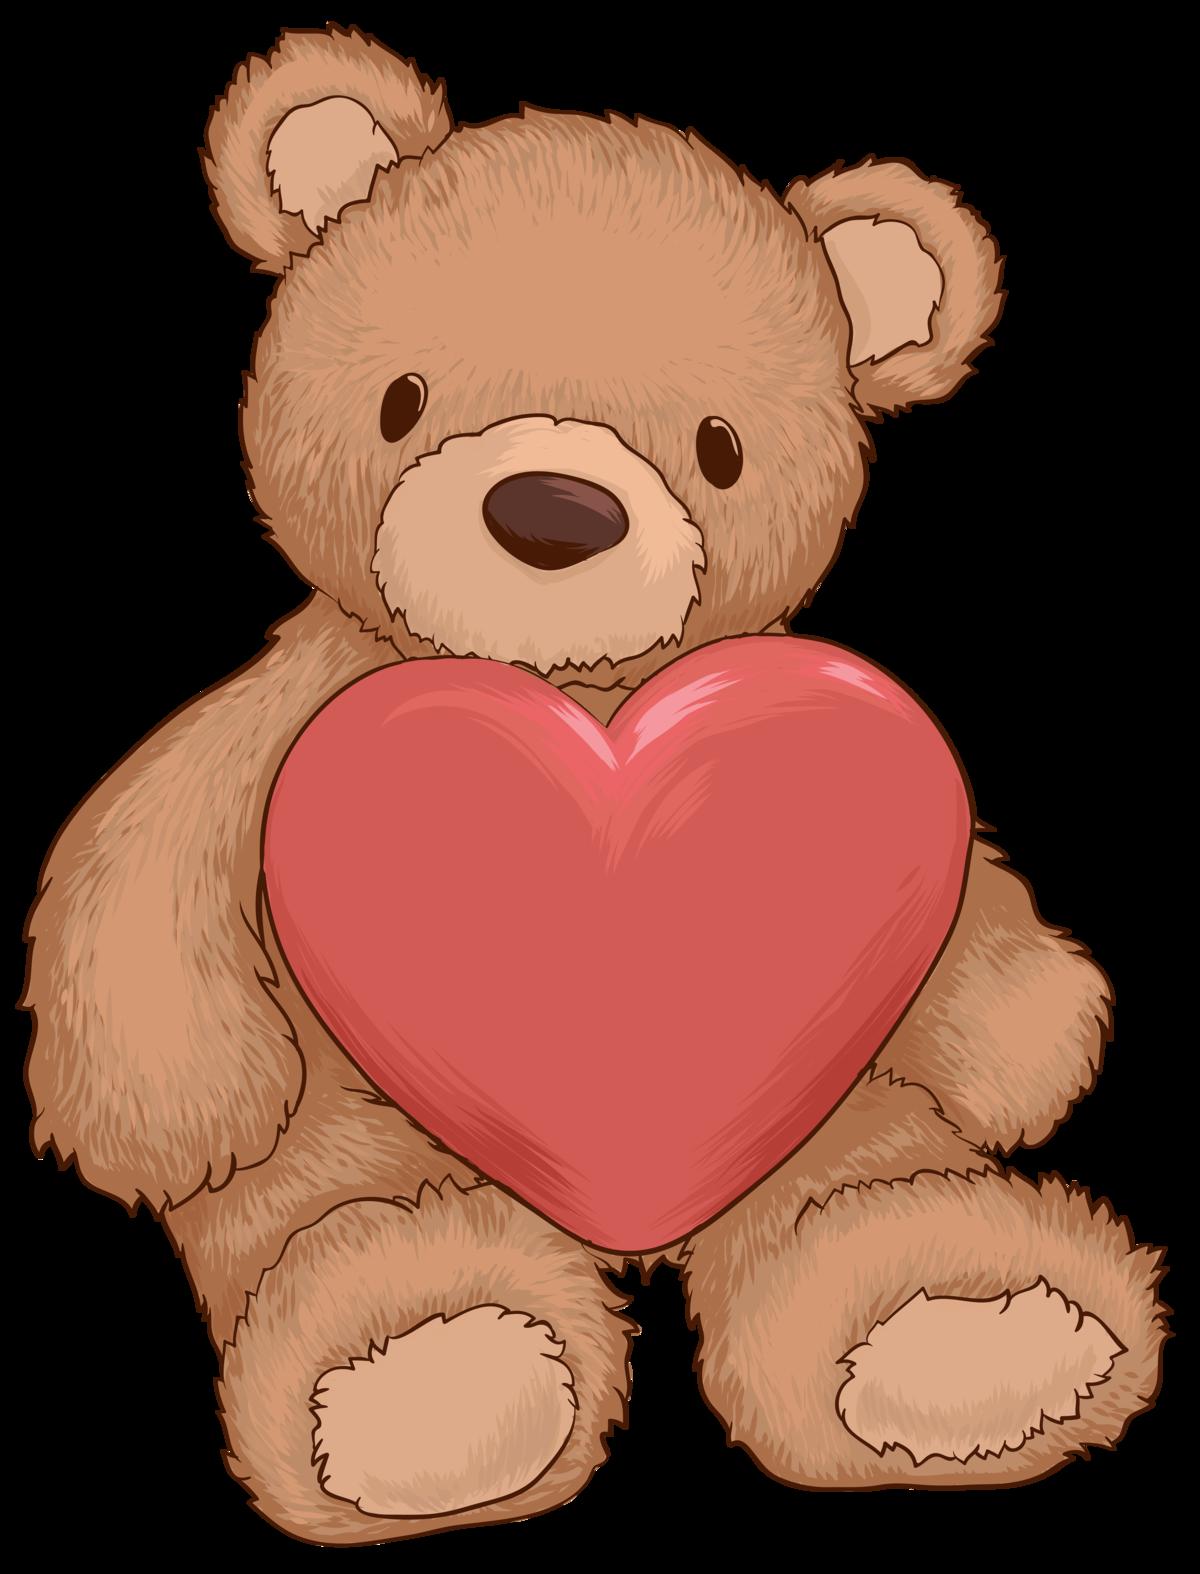 хотели картинки с сердечками и медвежатами клетки появляются